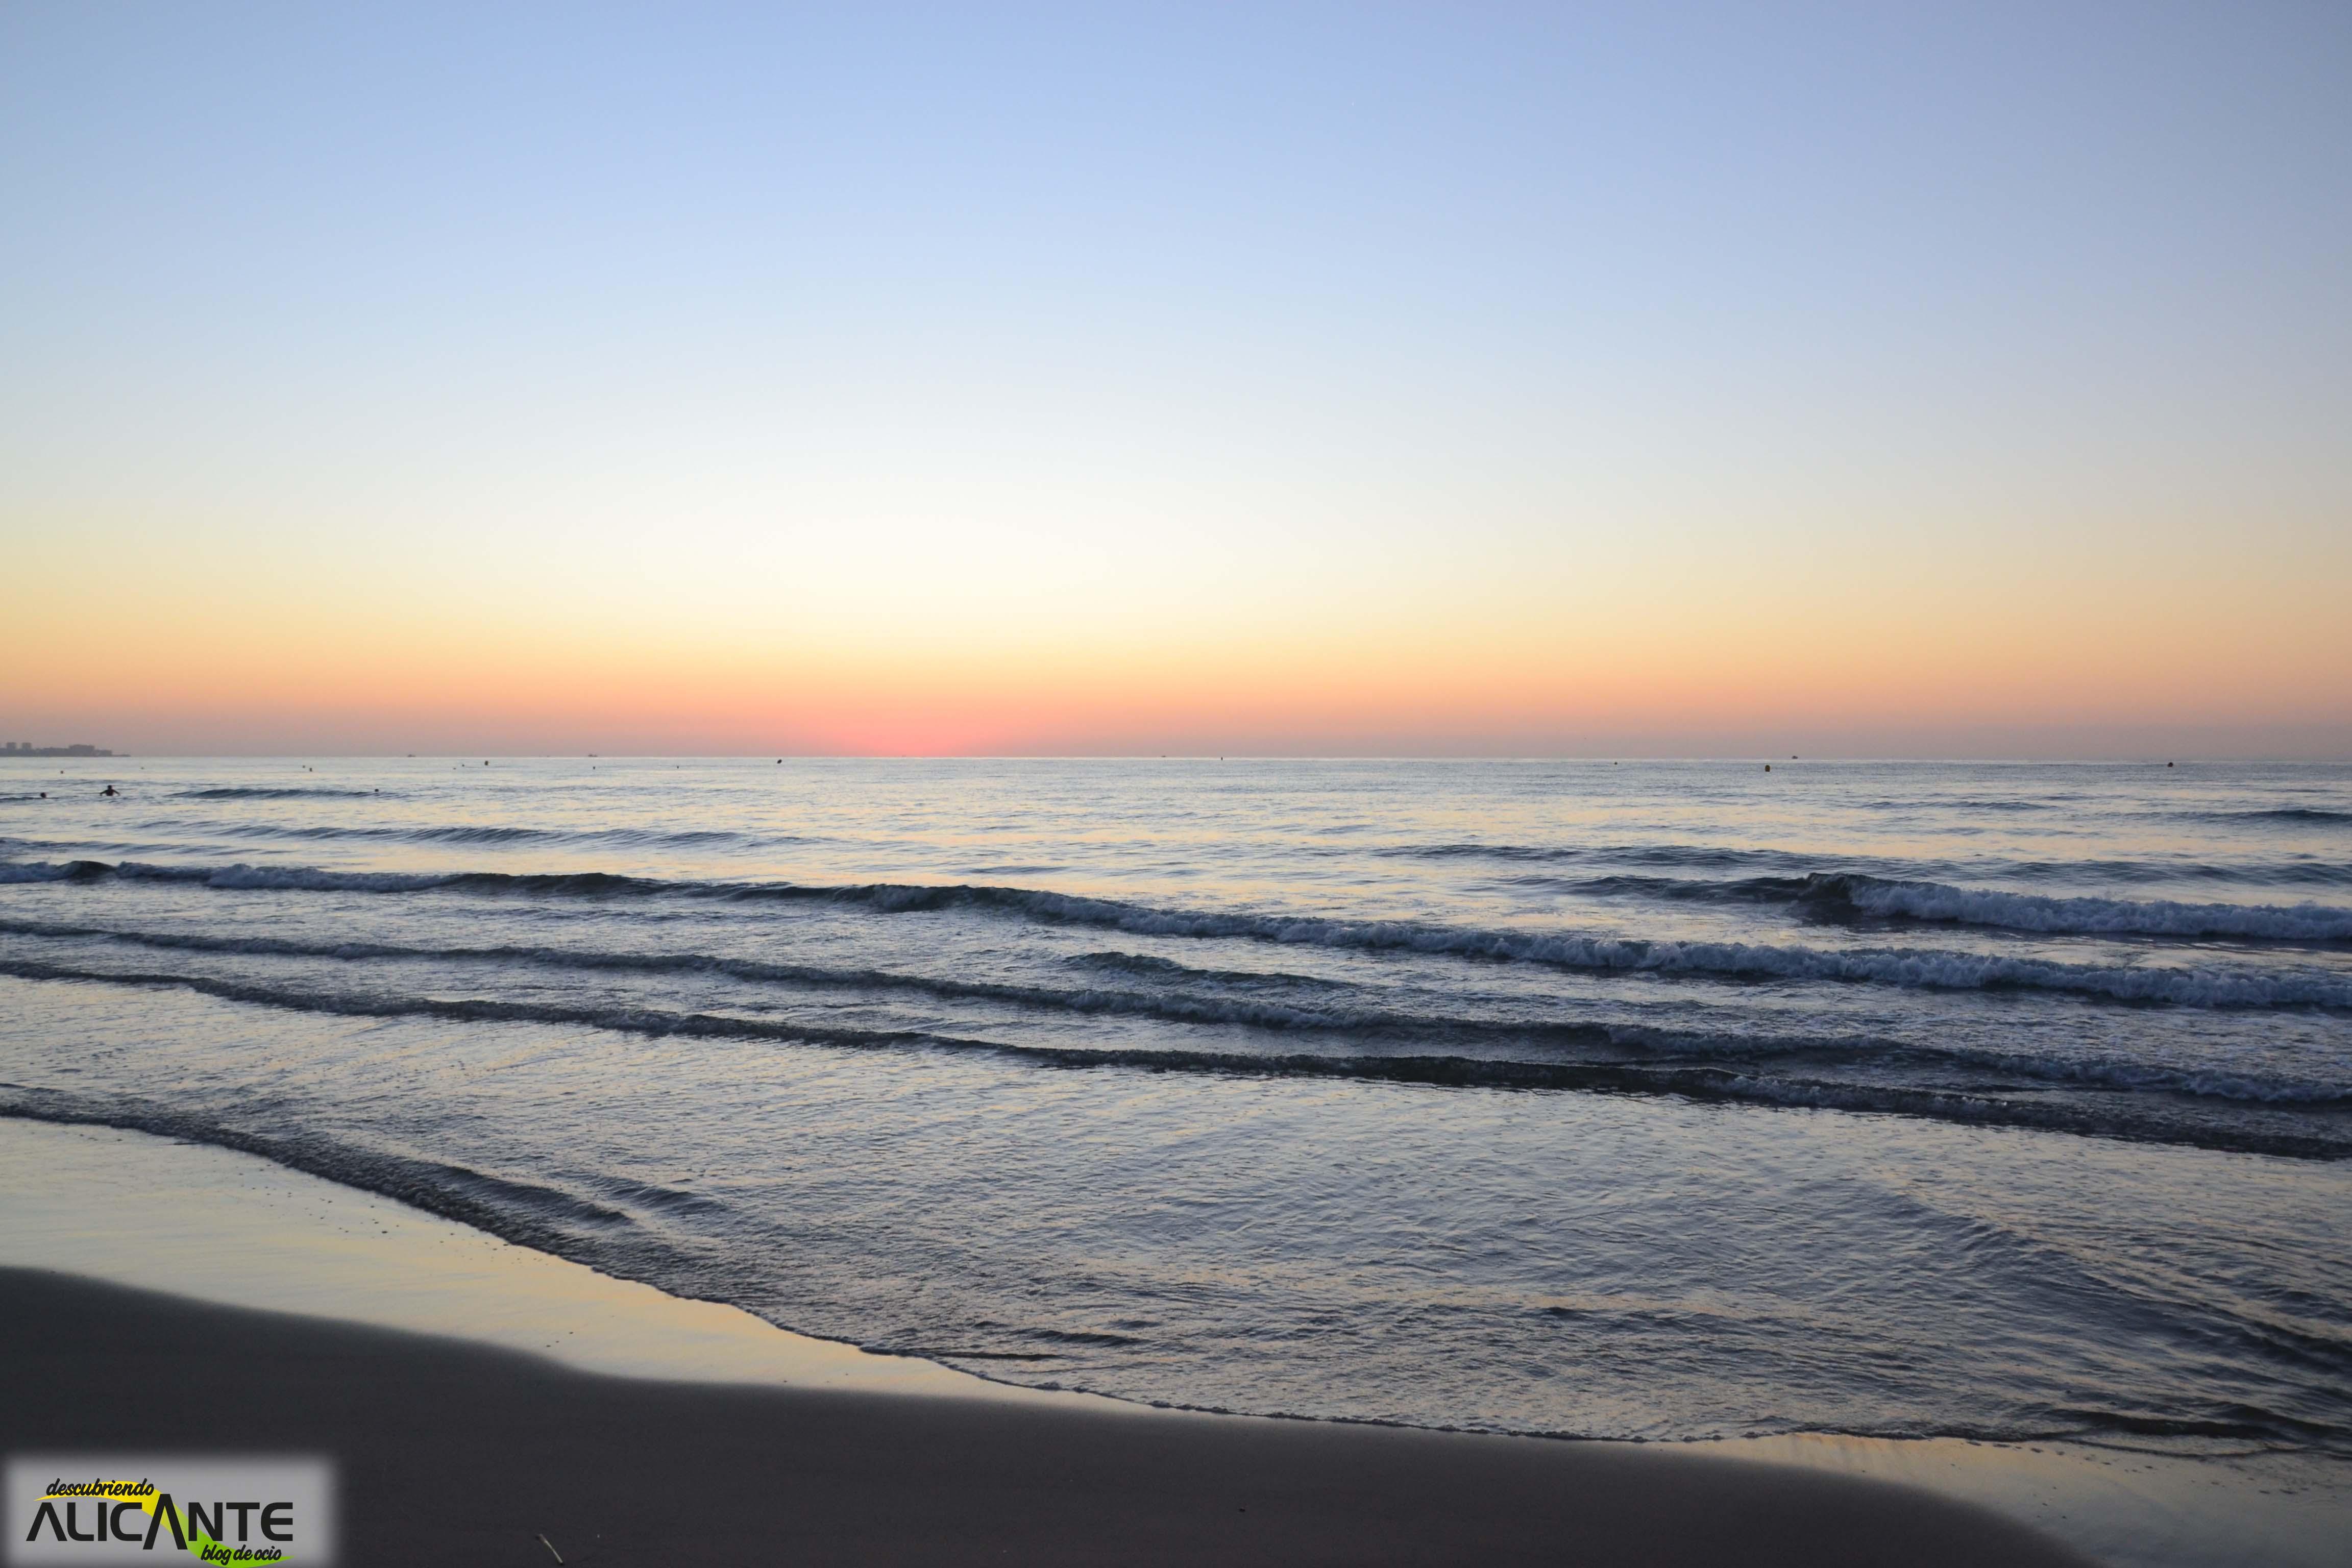 Amigos disfrutando de un dia de playa - 3 part 10